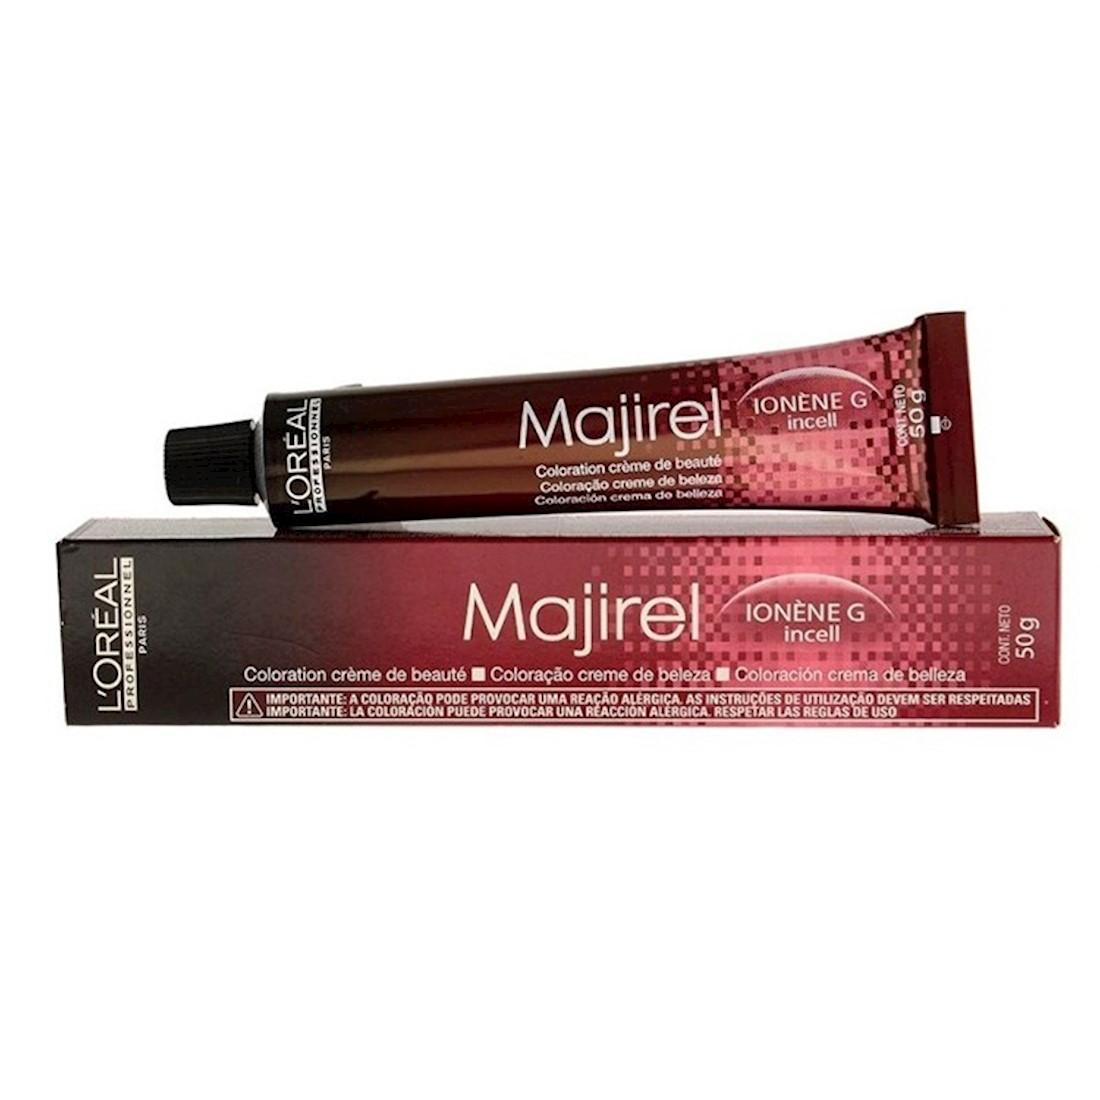 Coloração Majirel 5,20 (Castanho Claro Violine Intenso) da L'Oreal 50g